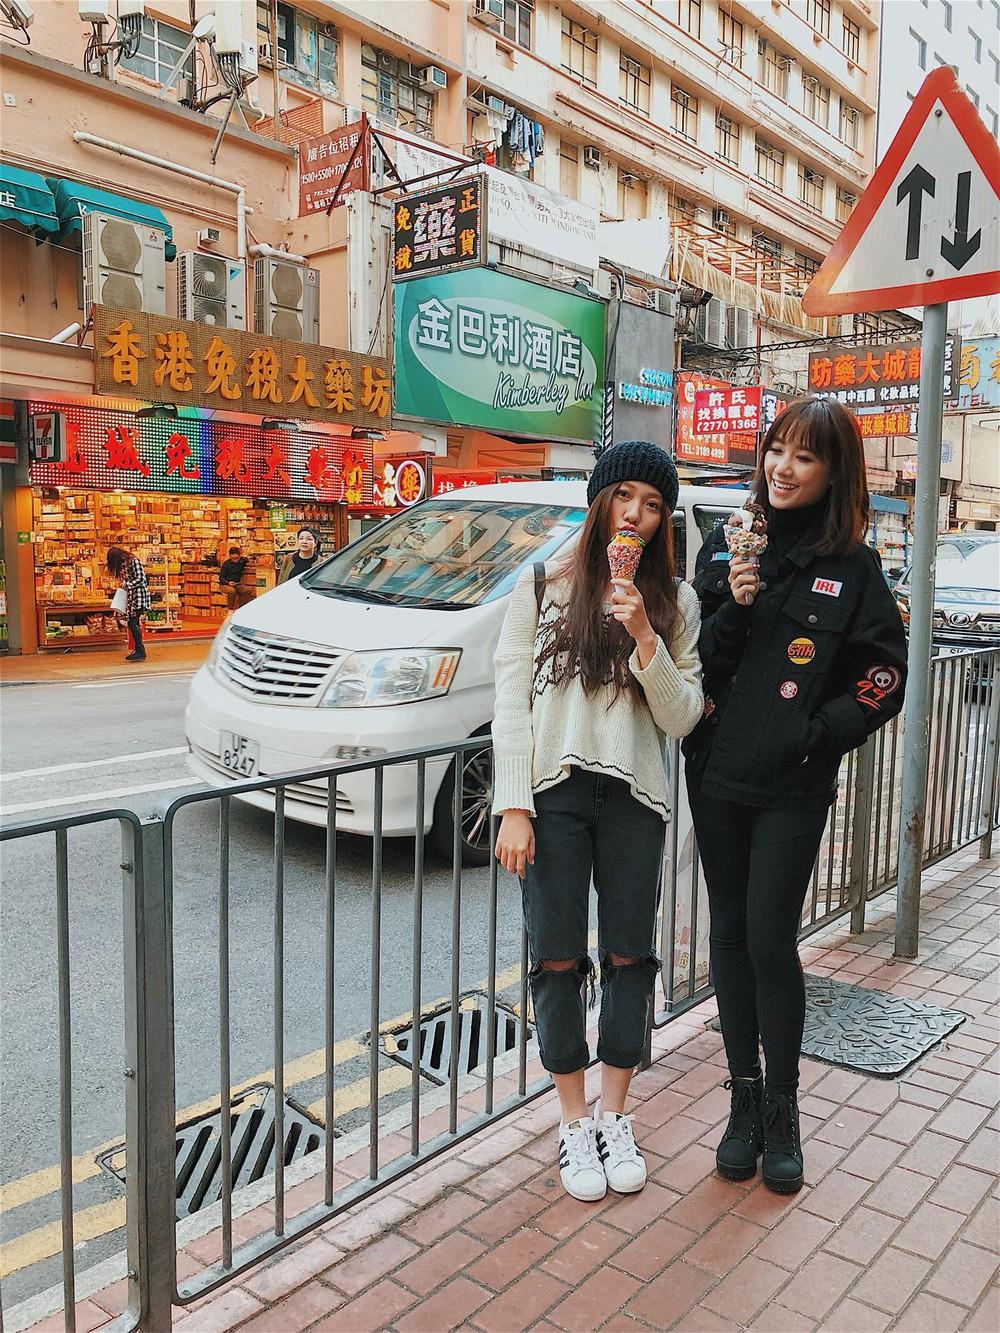 Trấn Thành còn có một cô em gái 19 tuổi xinh xắn chẳng kém gì hot girl! - Ảnh 6.